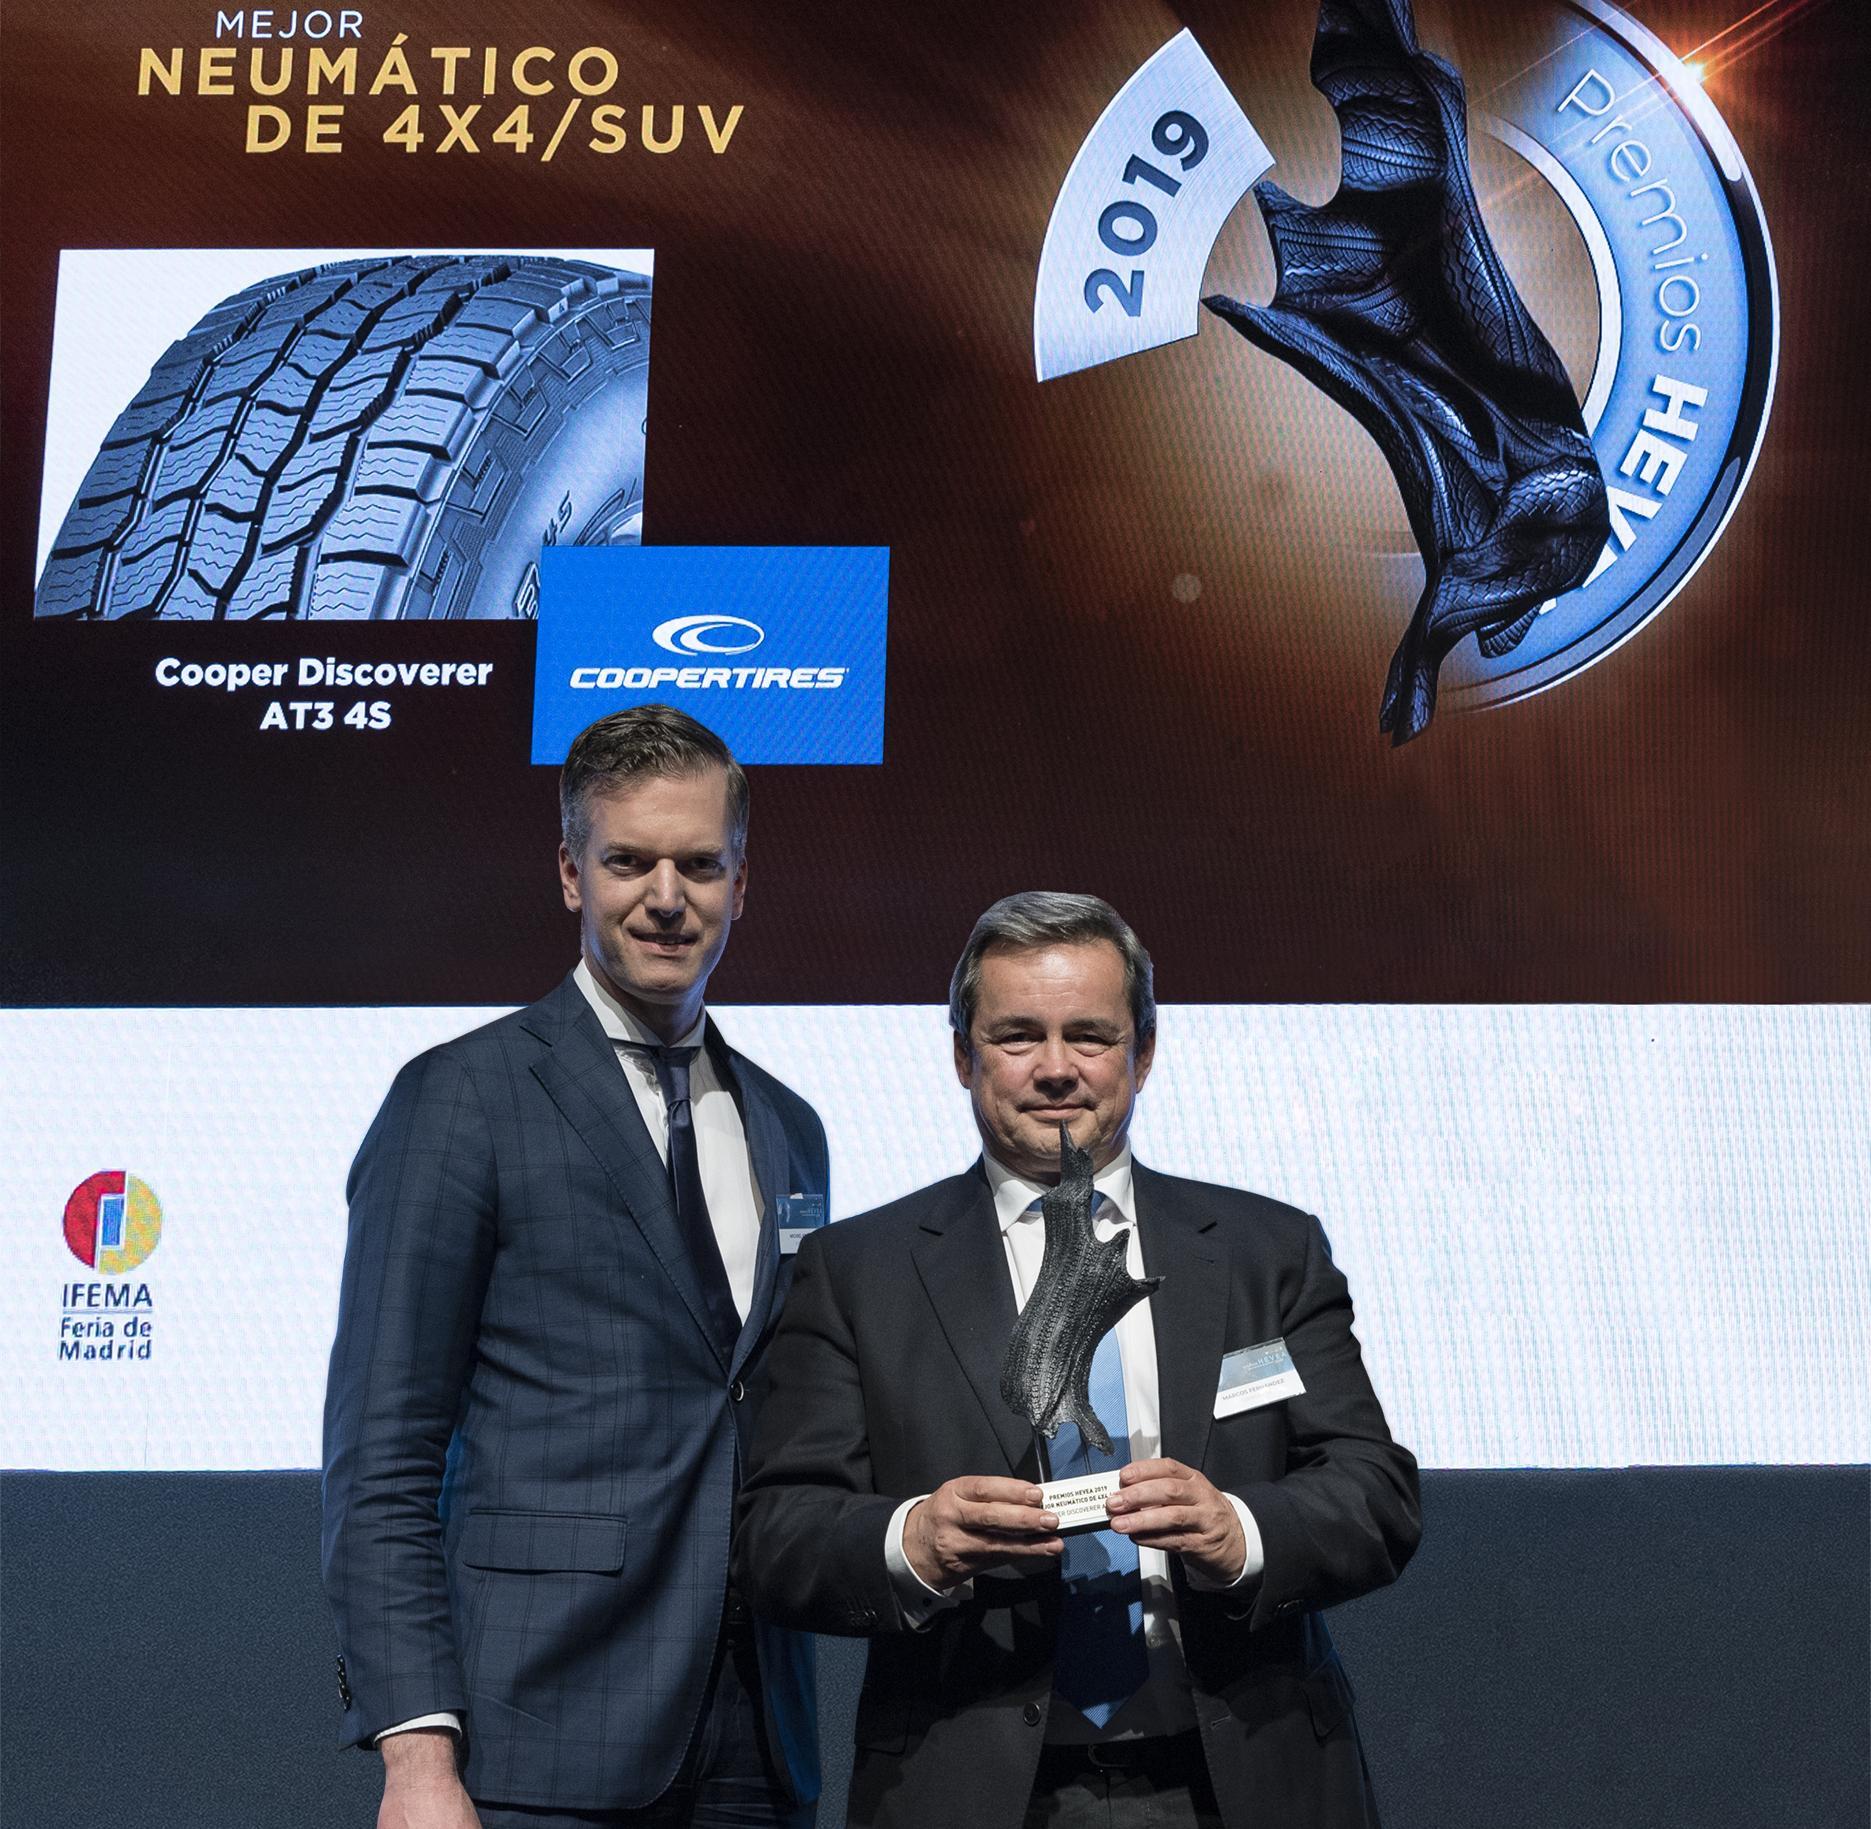 Cooper Discoverer AT3 4S признана «Лучшей SUV-шиной» в Испании